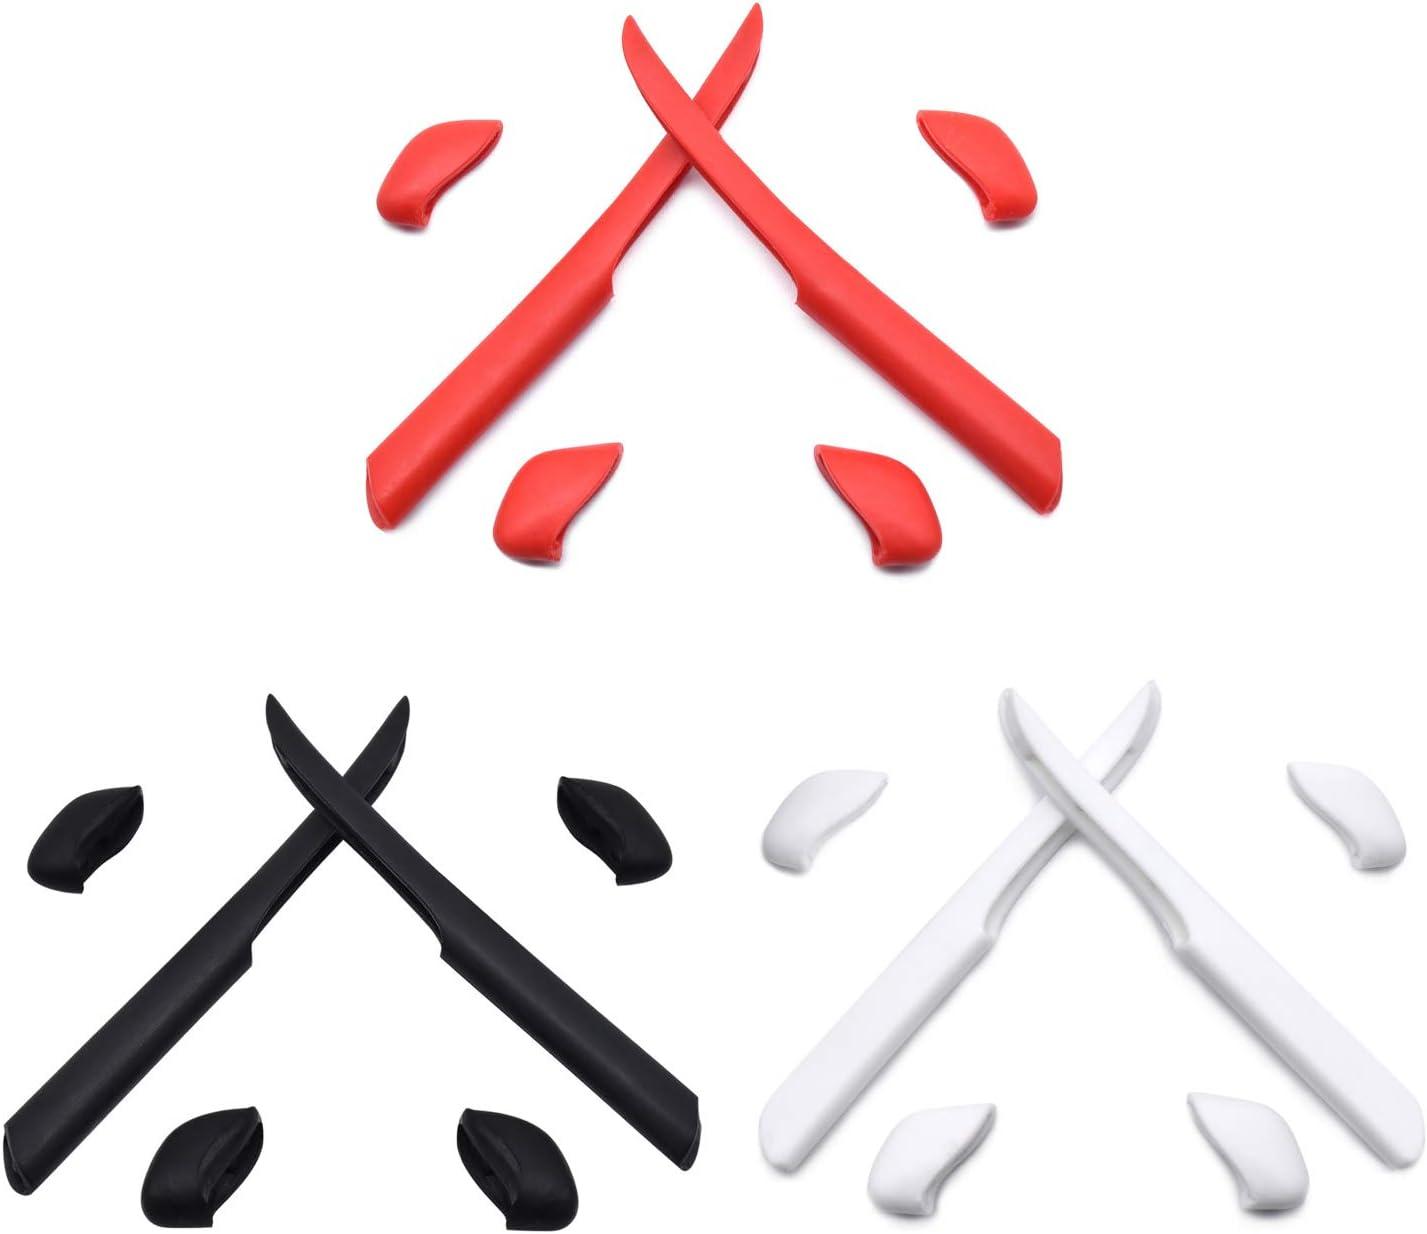 HKUCO Jambe de Rechange en Silicone pour Oakley Fast Jacket XL/Fast Jacket des Lunettes de Soleil Kit de Caoutchouc Rouge/Noir/Blanc